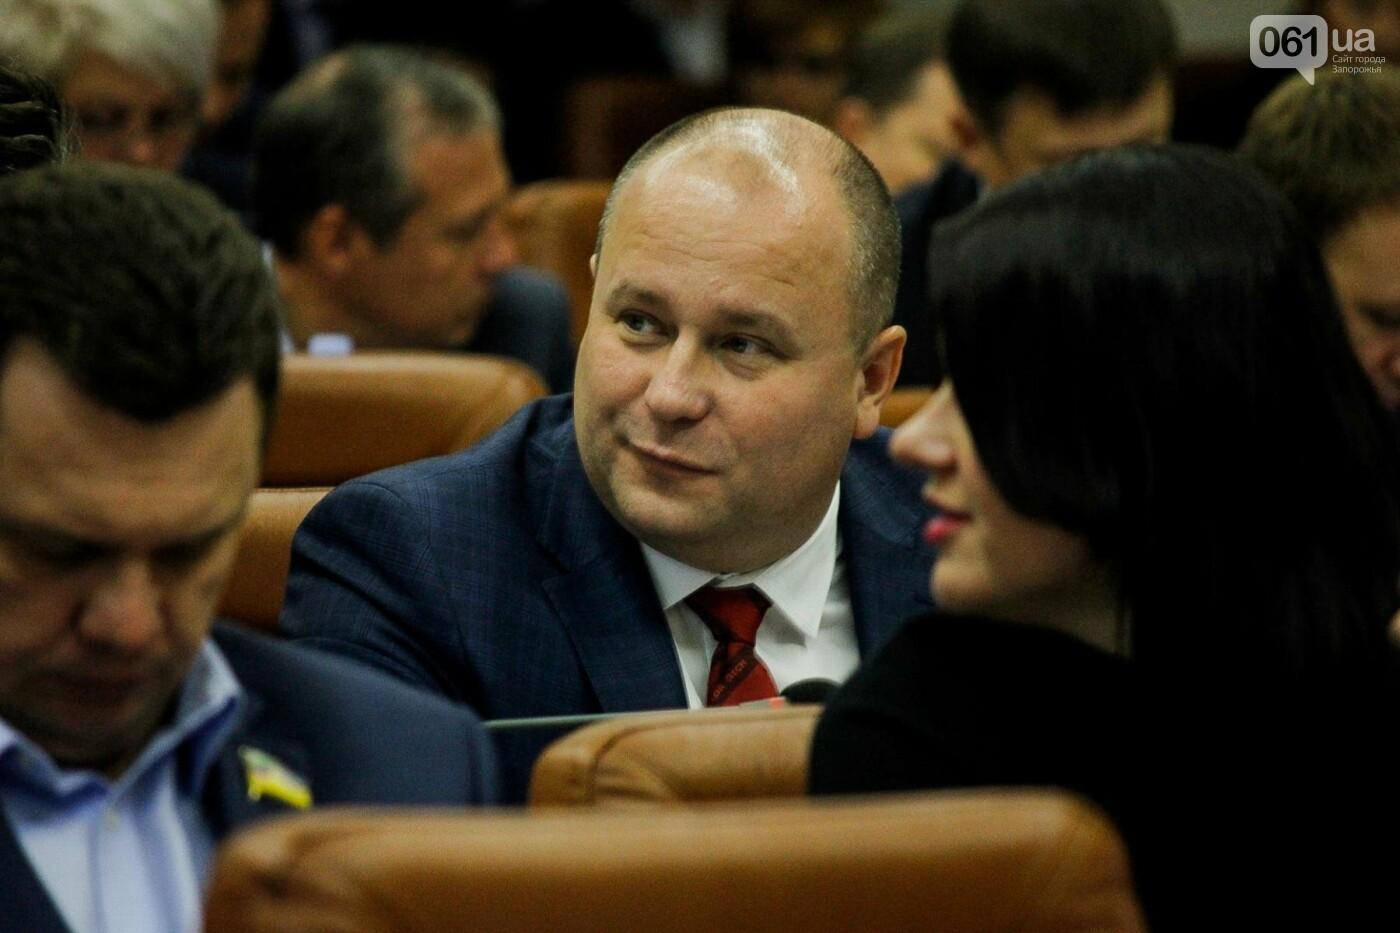 Сессия запорожского горсовета в 55 фотографиях, - ФОТОРЕПОРТАЖ, фото-47